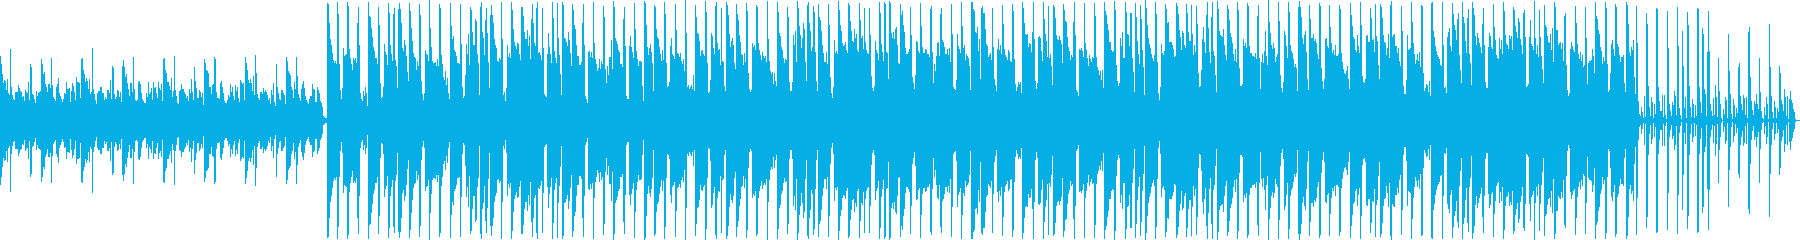 ギターとピアノの穏やかなループ曲の再生済みの波形